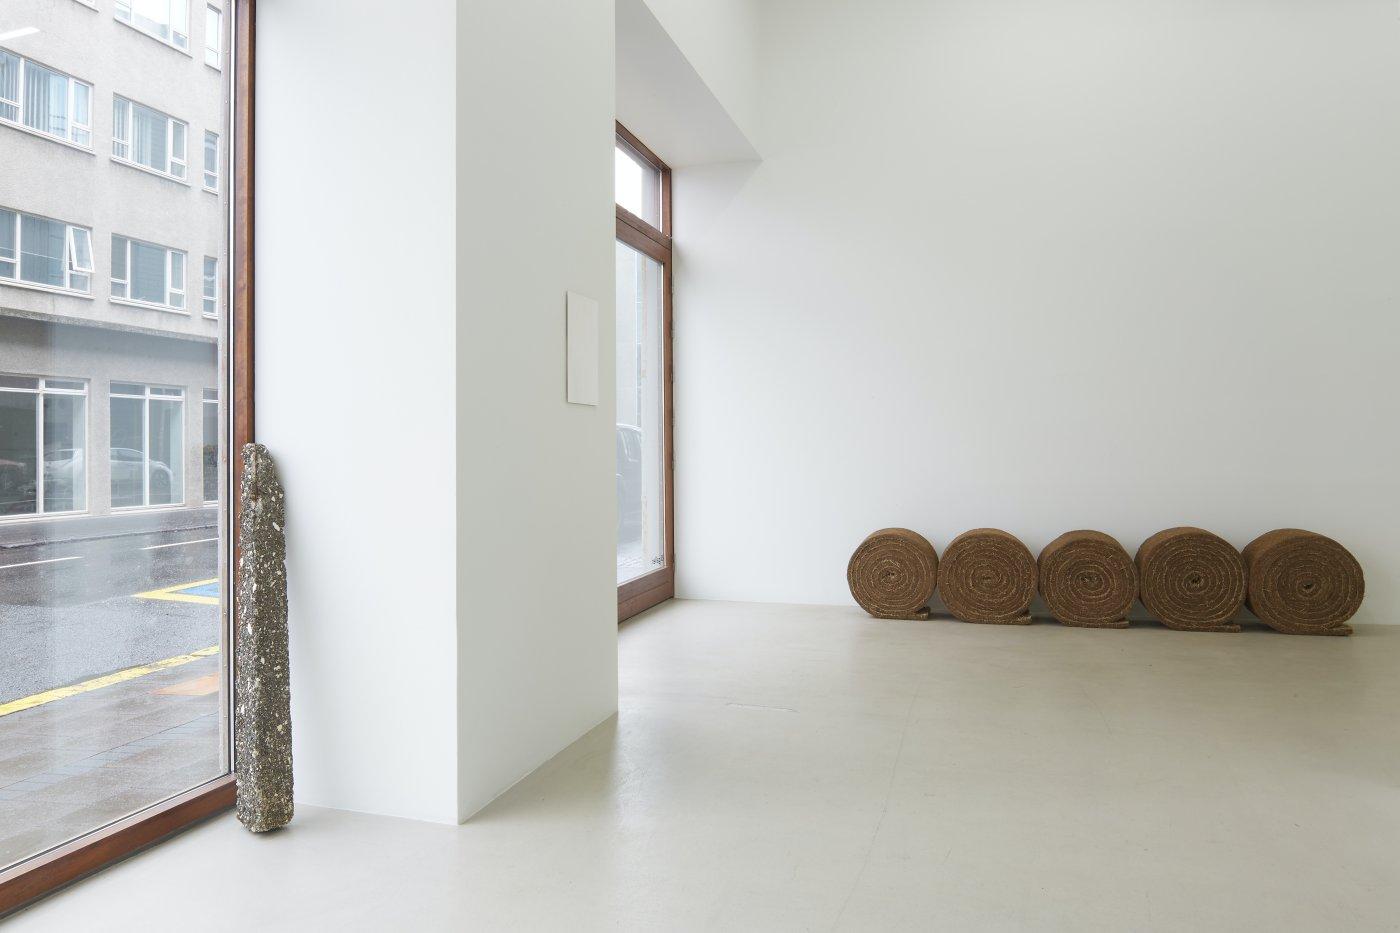 i8 Gallery Ragna Robertsdottir 3